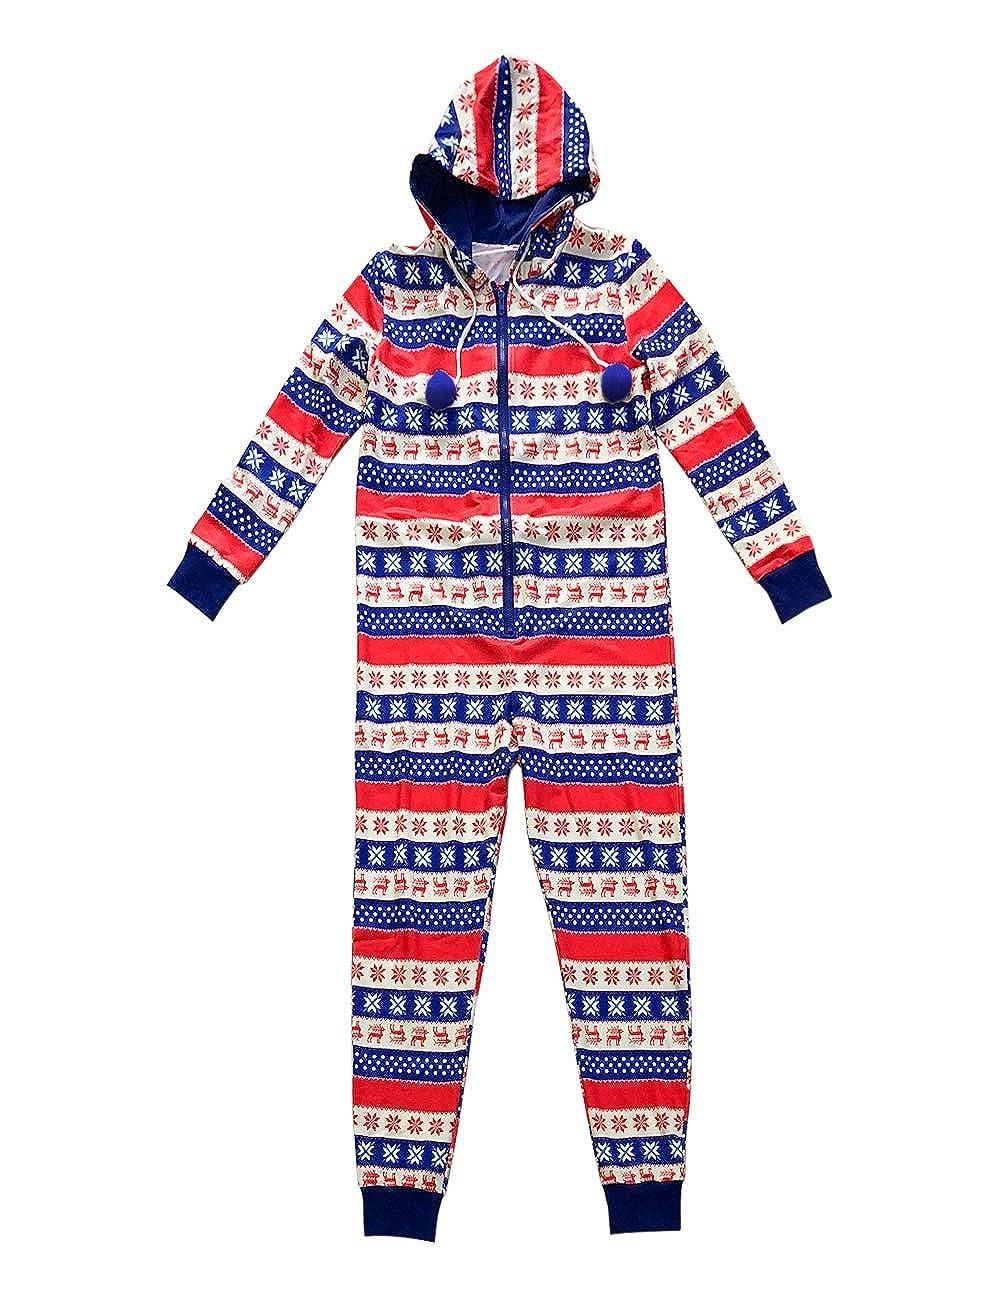 BESBOMIG Family Matching Christmas Pajamas Elf Boys Girls Dad Mum Jumpsuit Sleepwear zhu hai shi tuo feng shang mao you xian gong si